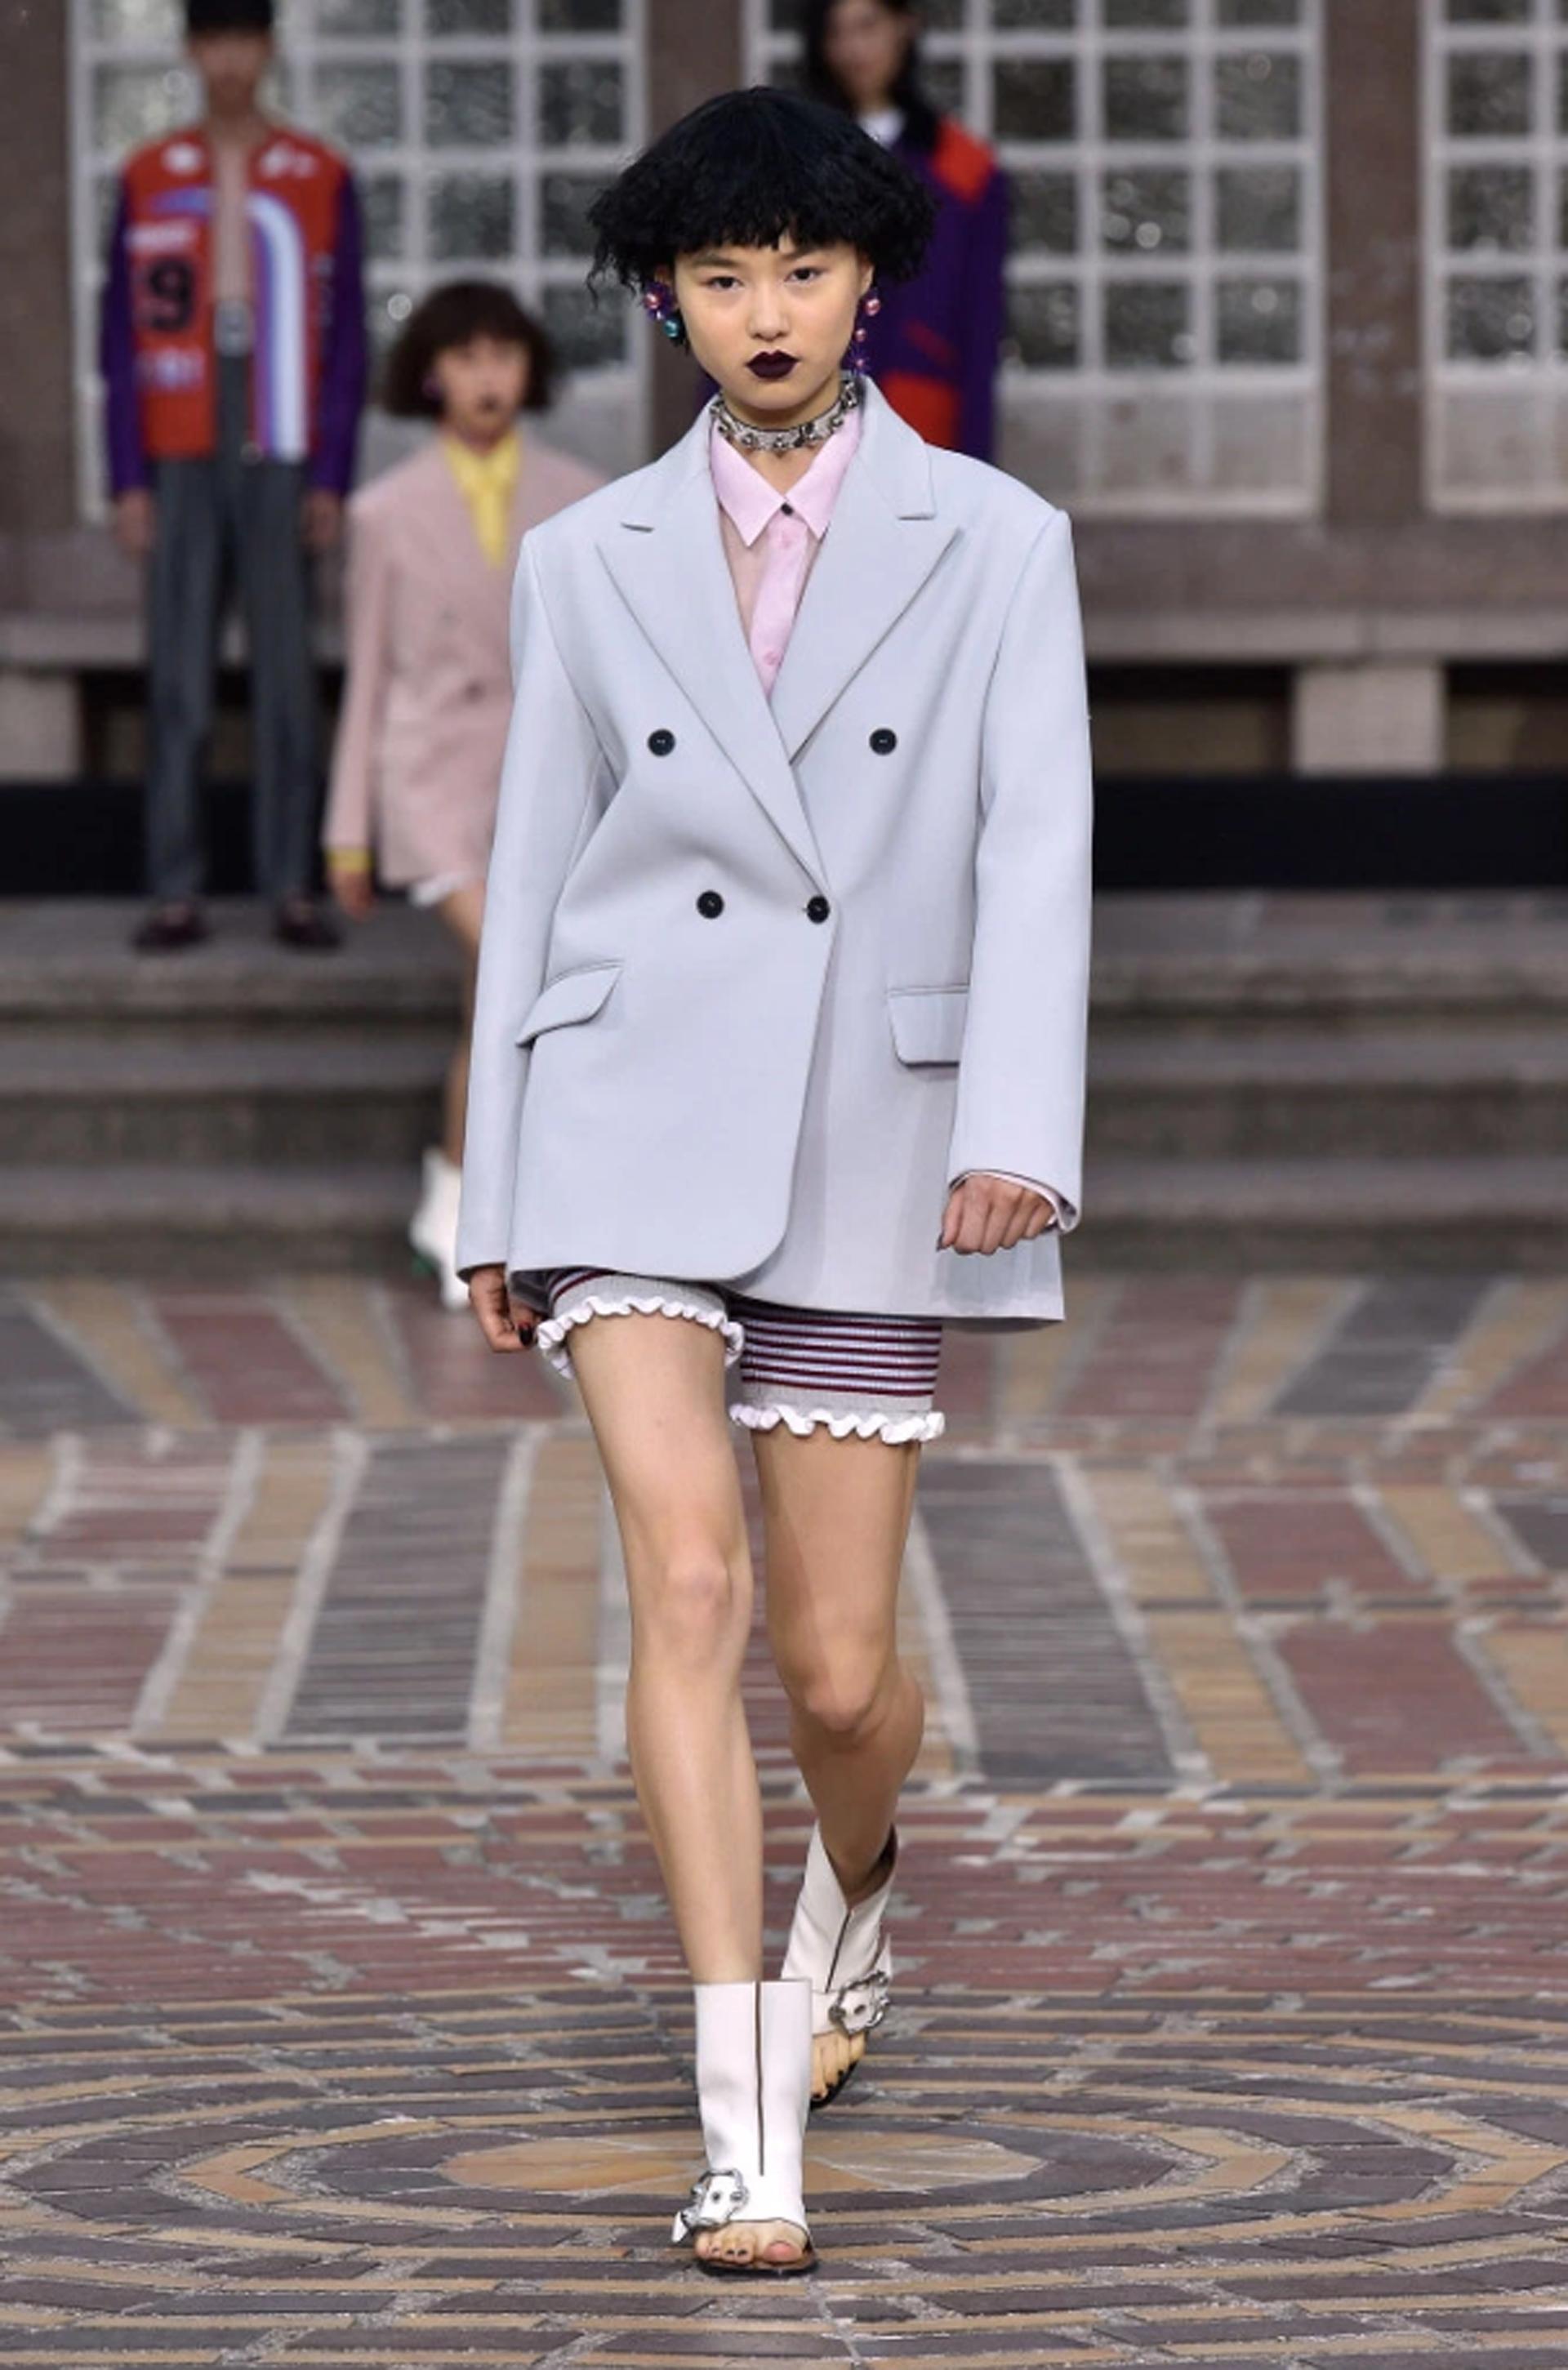 Linea XL de sastrería, saco gris con botones en negro y por debajo un short al cuerpo rayado en bordeaux combinando con camisa rosada. Chokers y aros fueron los accesorios elegidos